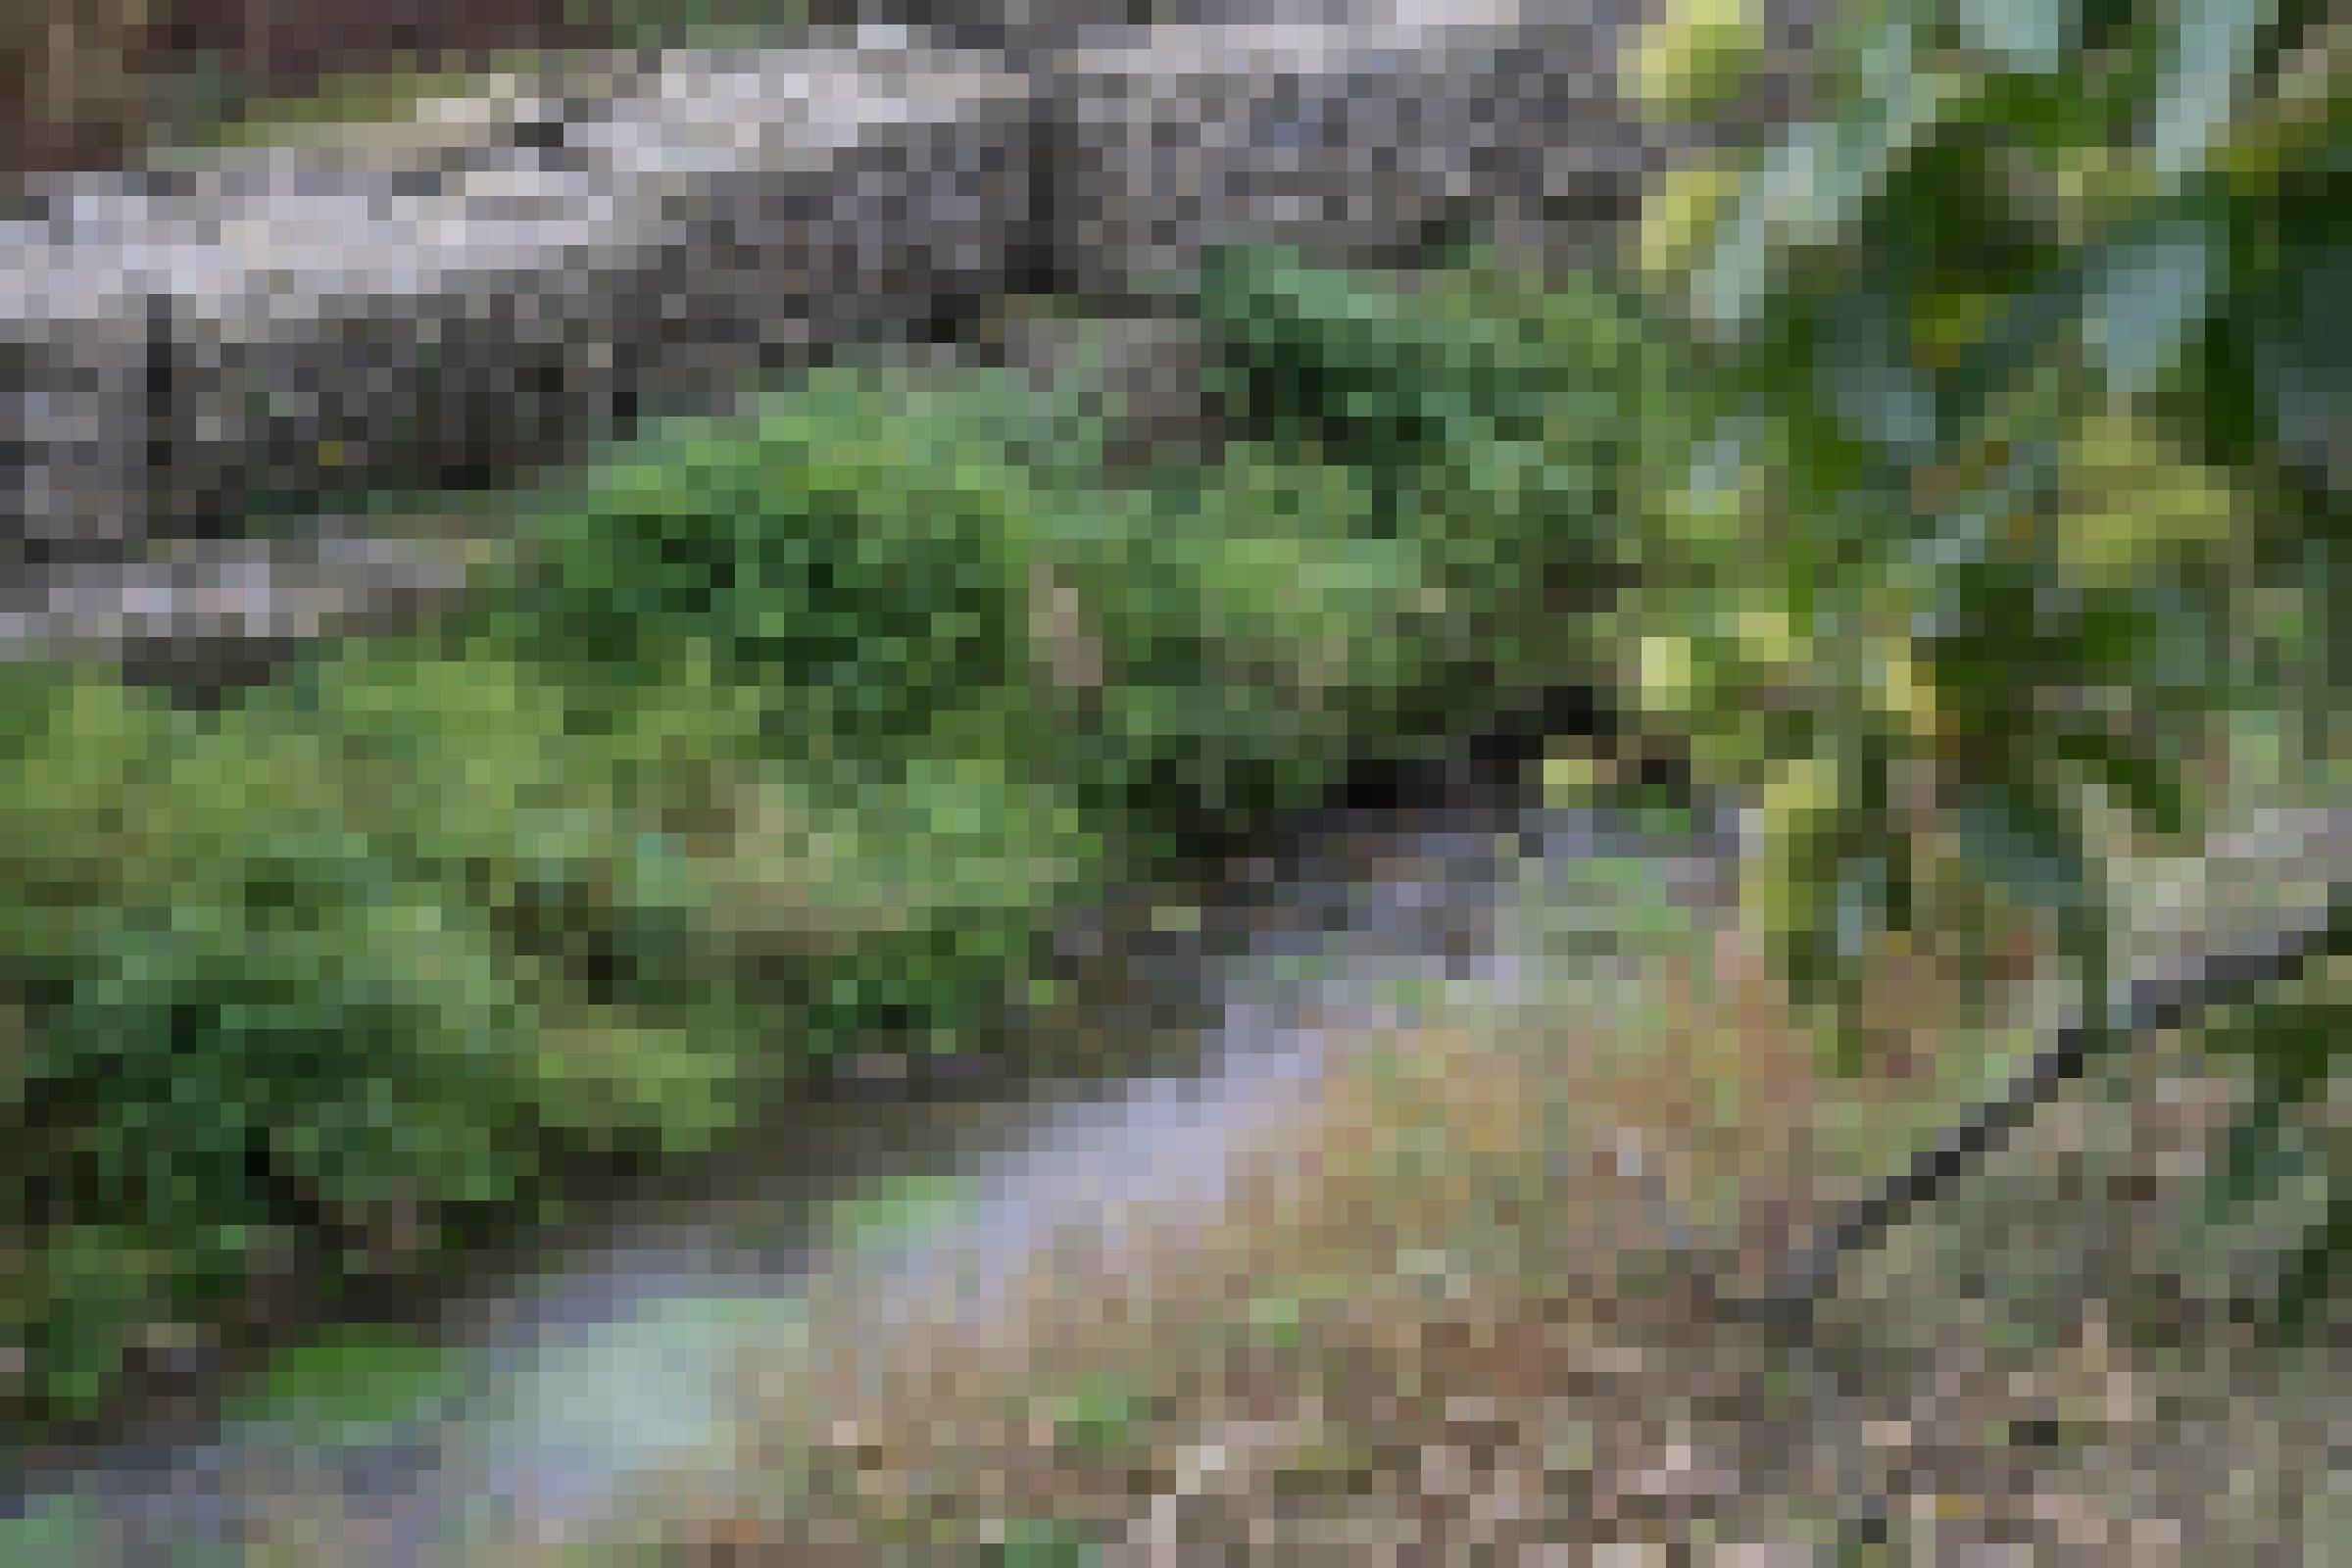 Metallkäfige mit Steinen gefüllt im Fluss, rundherum Bewuchs